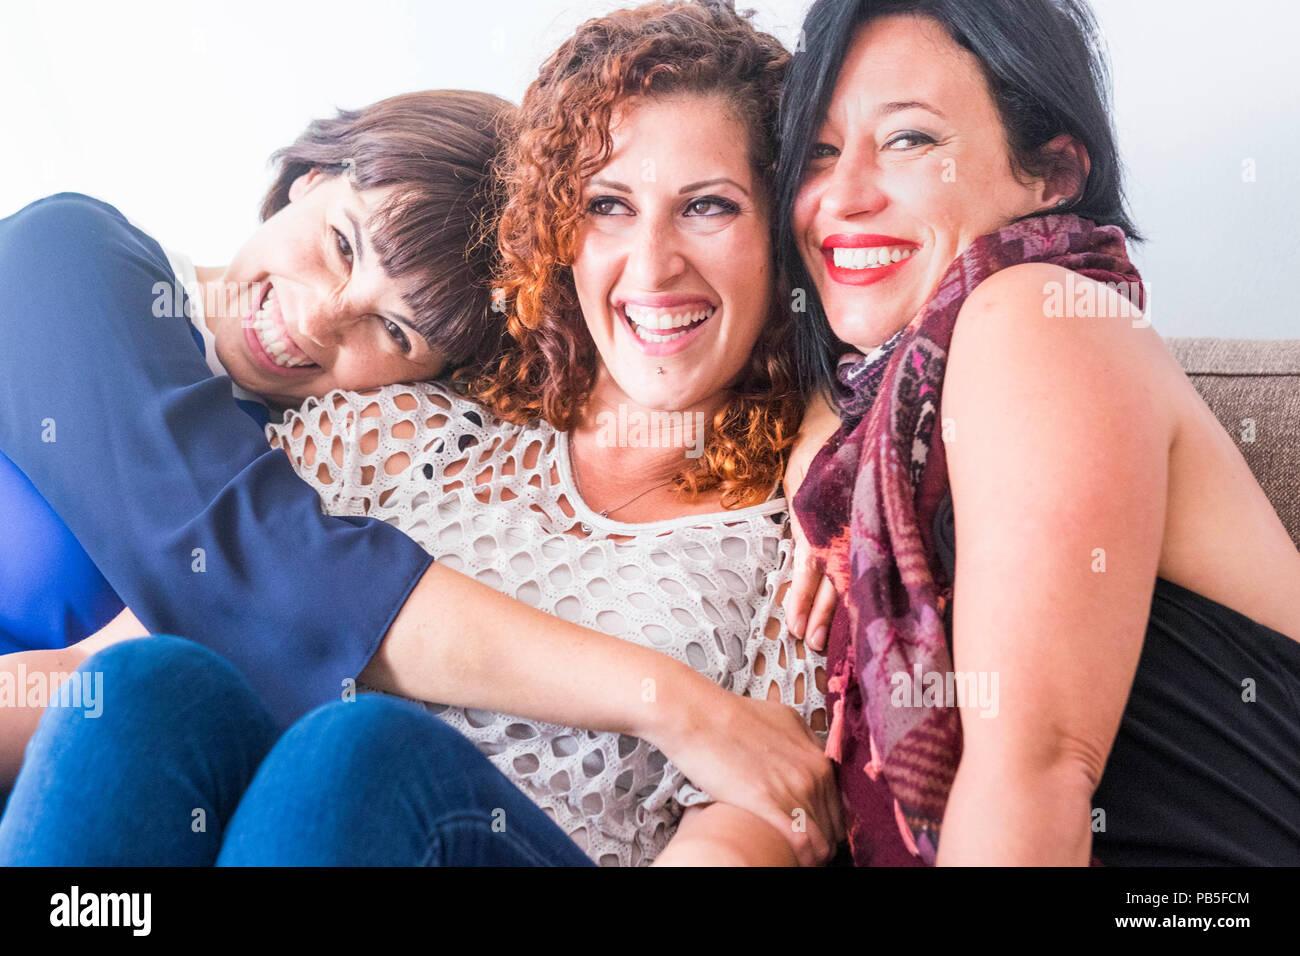 Freundliche Frauen im mittleren Alter junge womane Freunde sitzen zusammen auf dem Sofa zu Hause in der Freizeit indoor. Lächeln und den Tag genießen und zu umarmen Stockbild